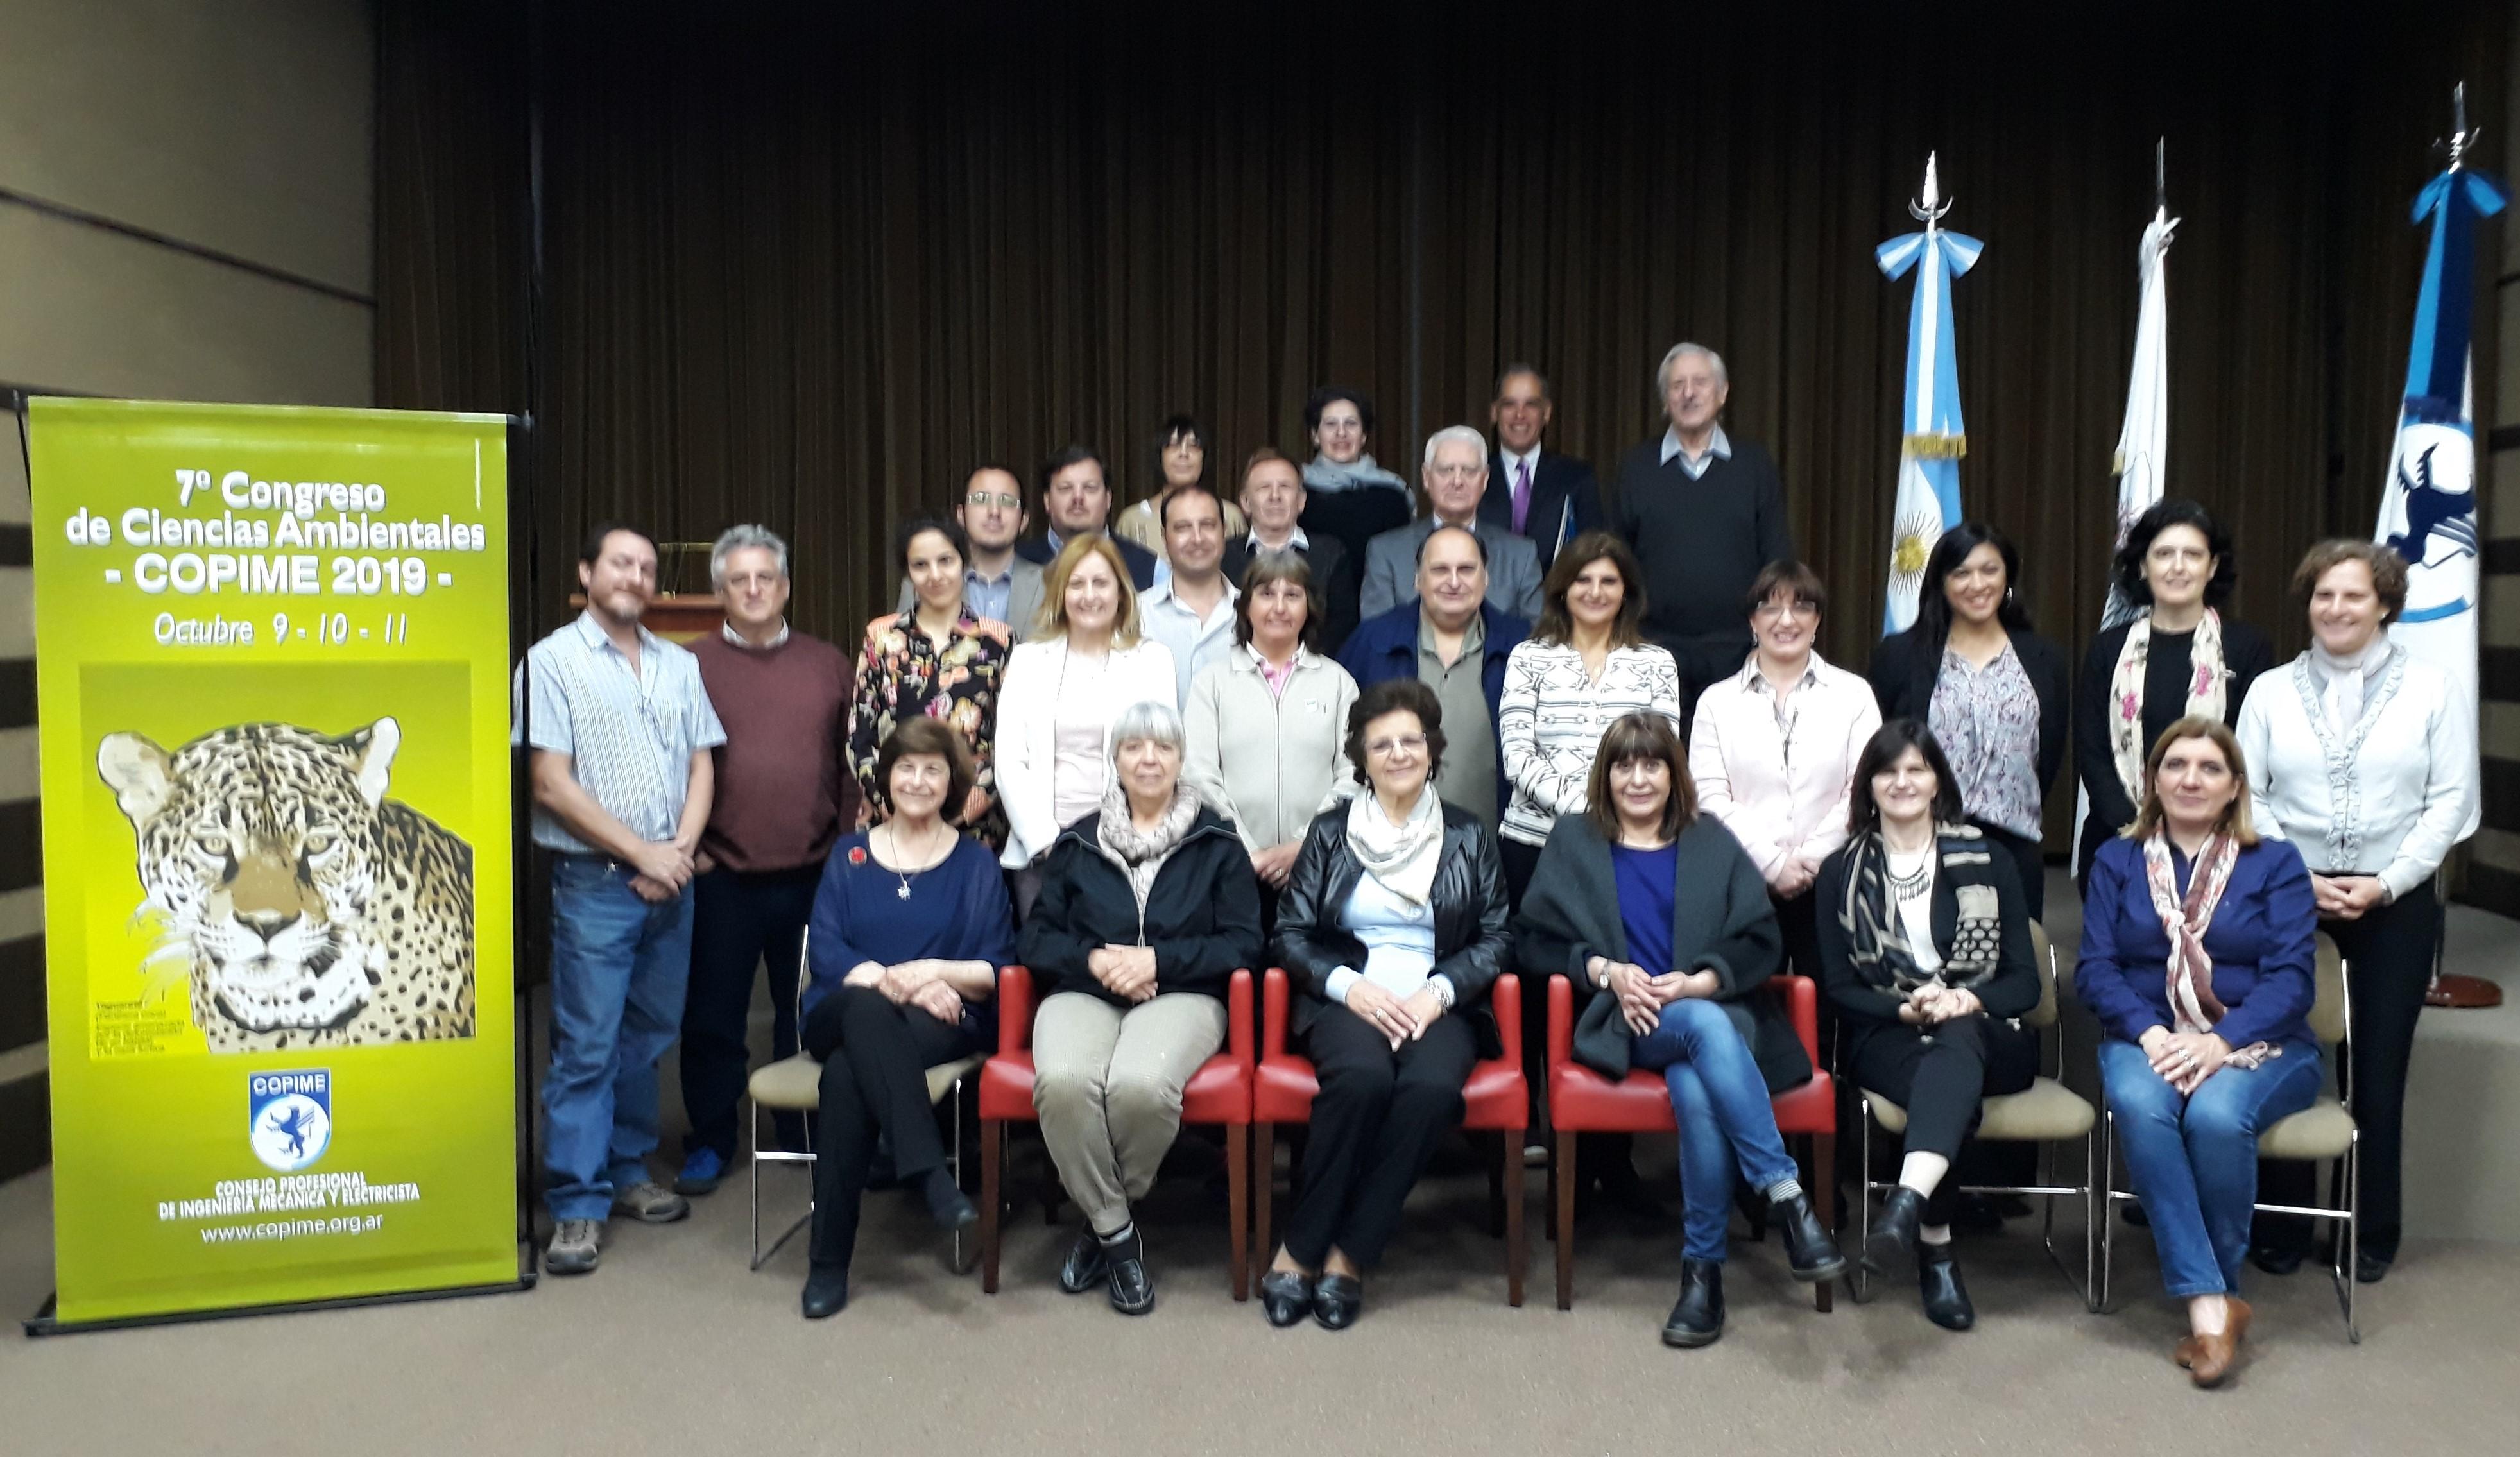 La UBP presente en la organización del Congreso de Ciencias Ambientales